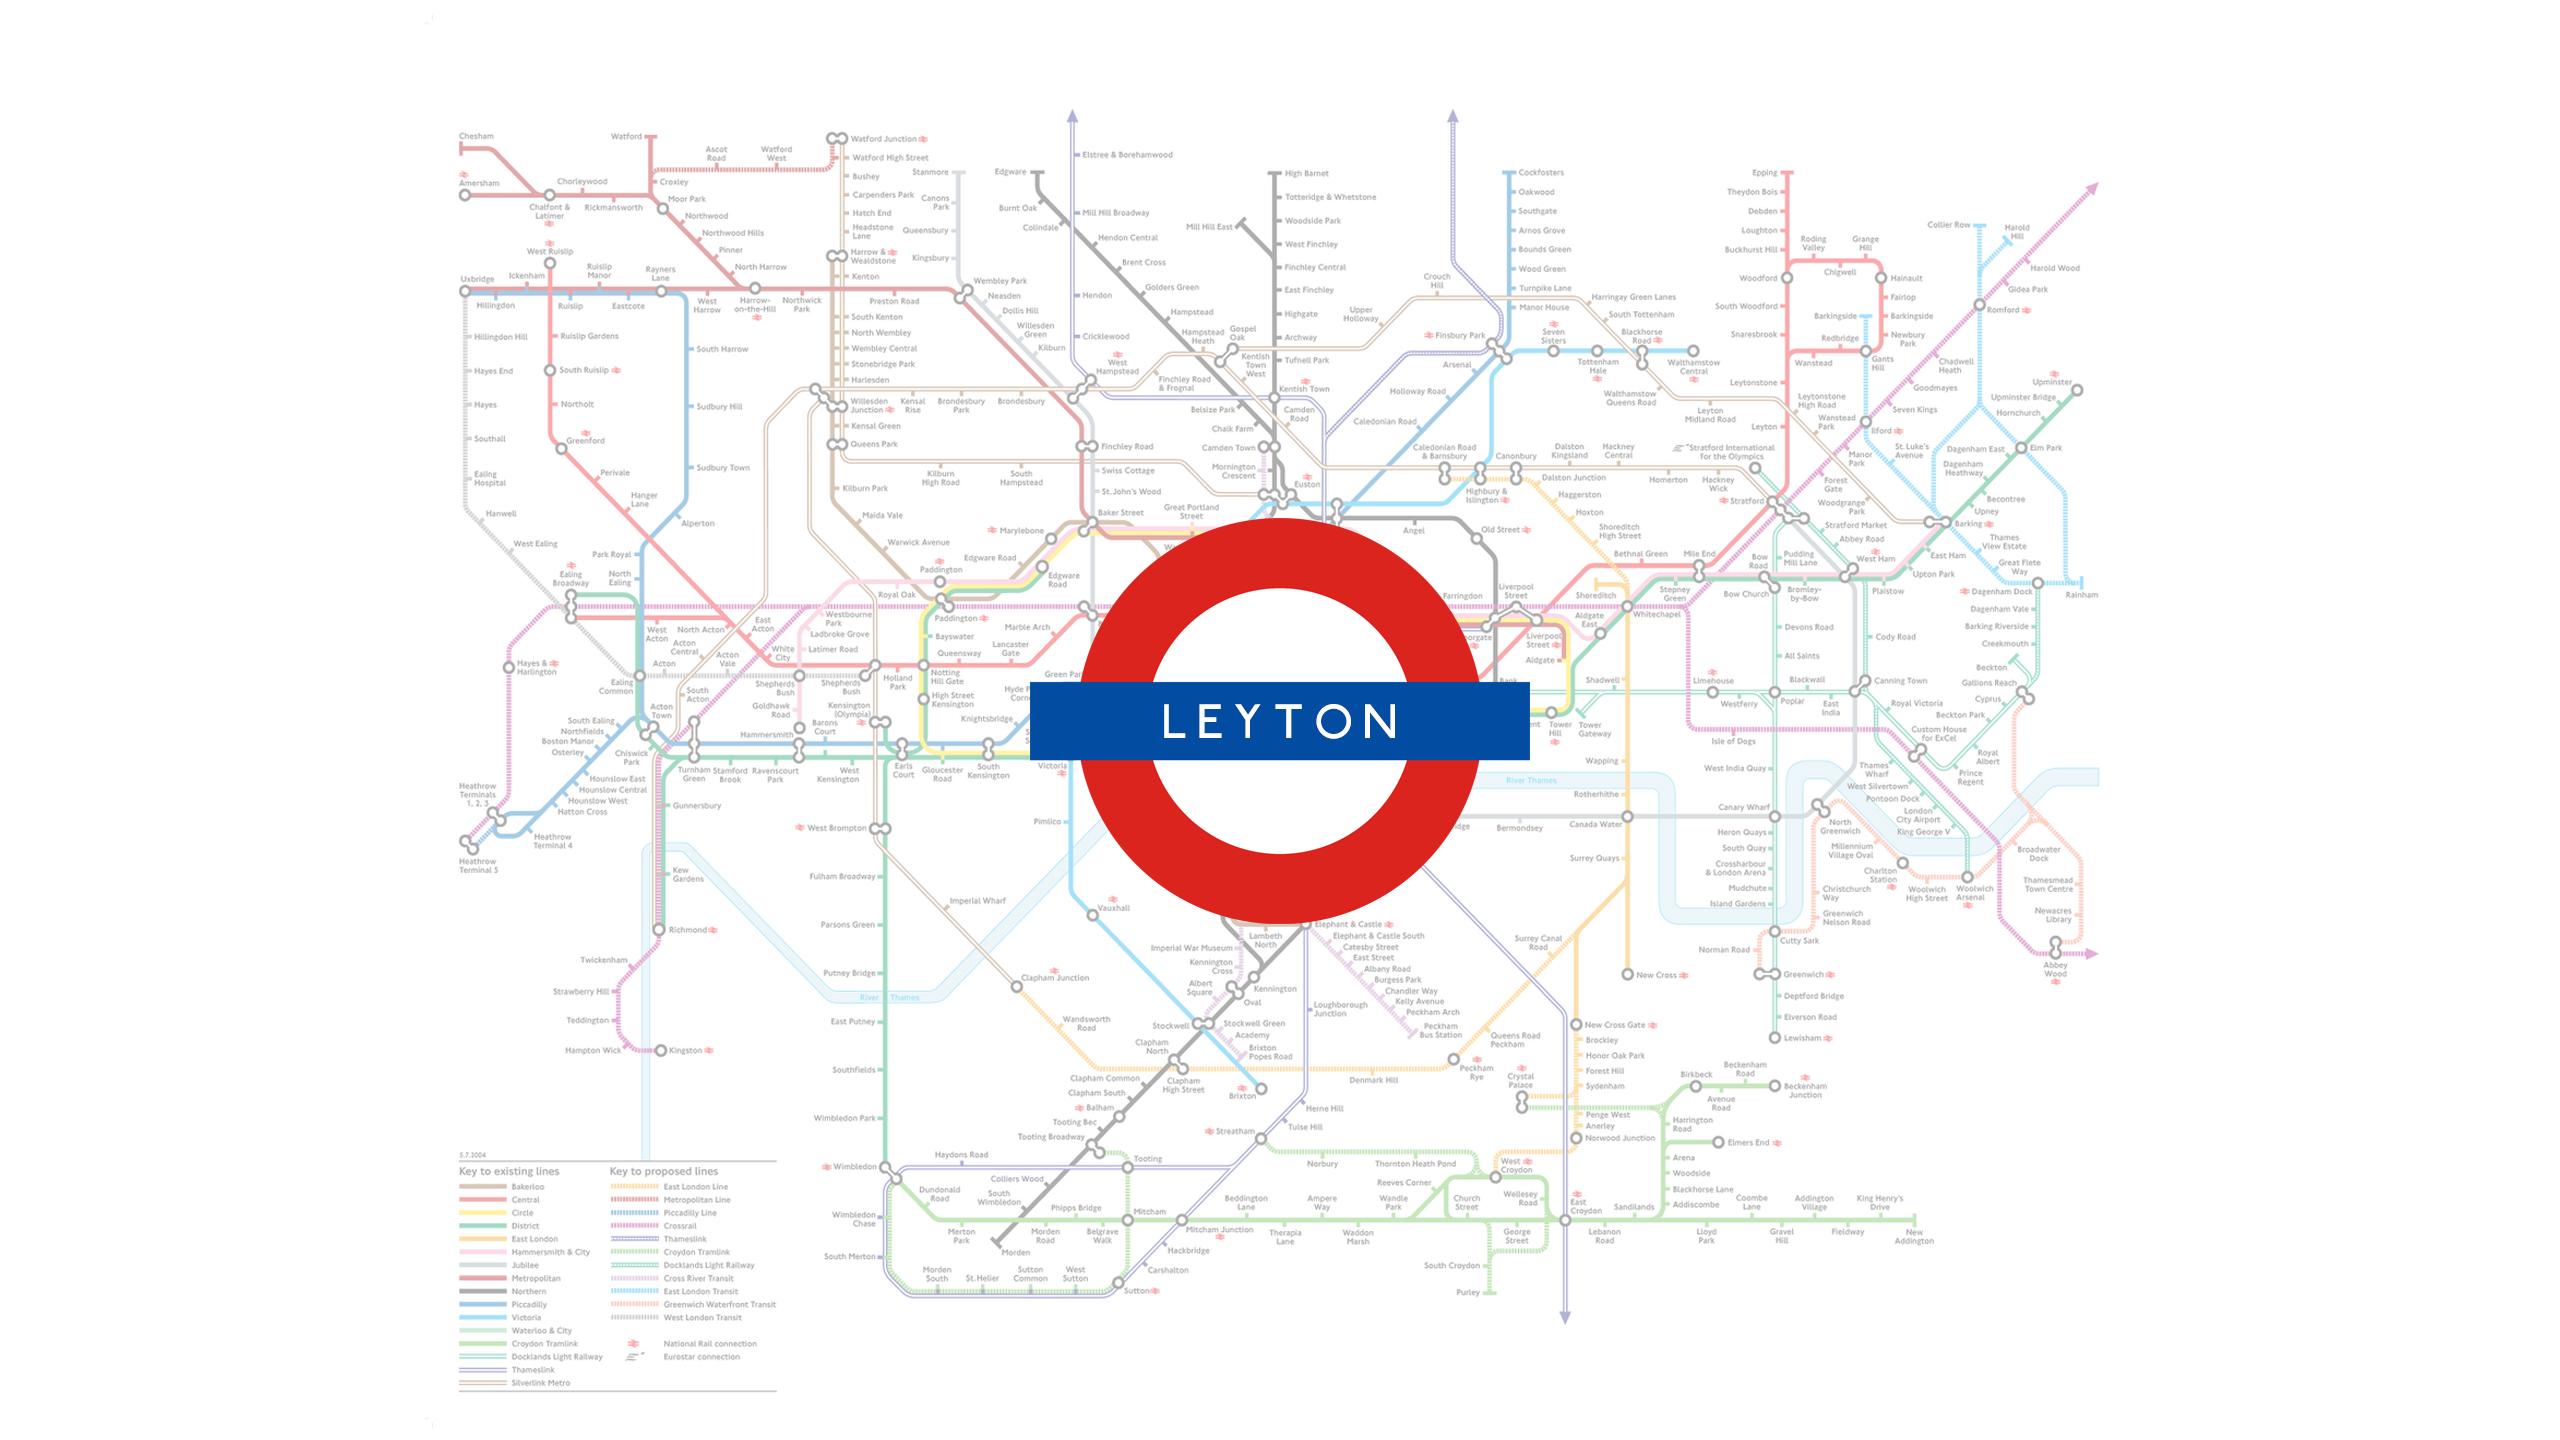 Leyton (Map)